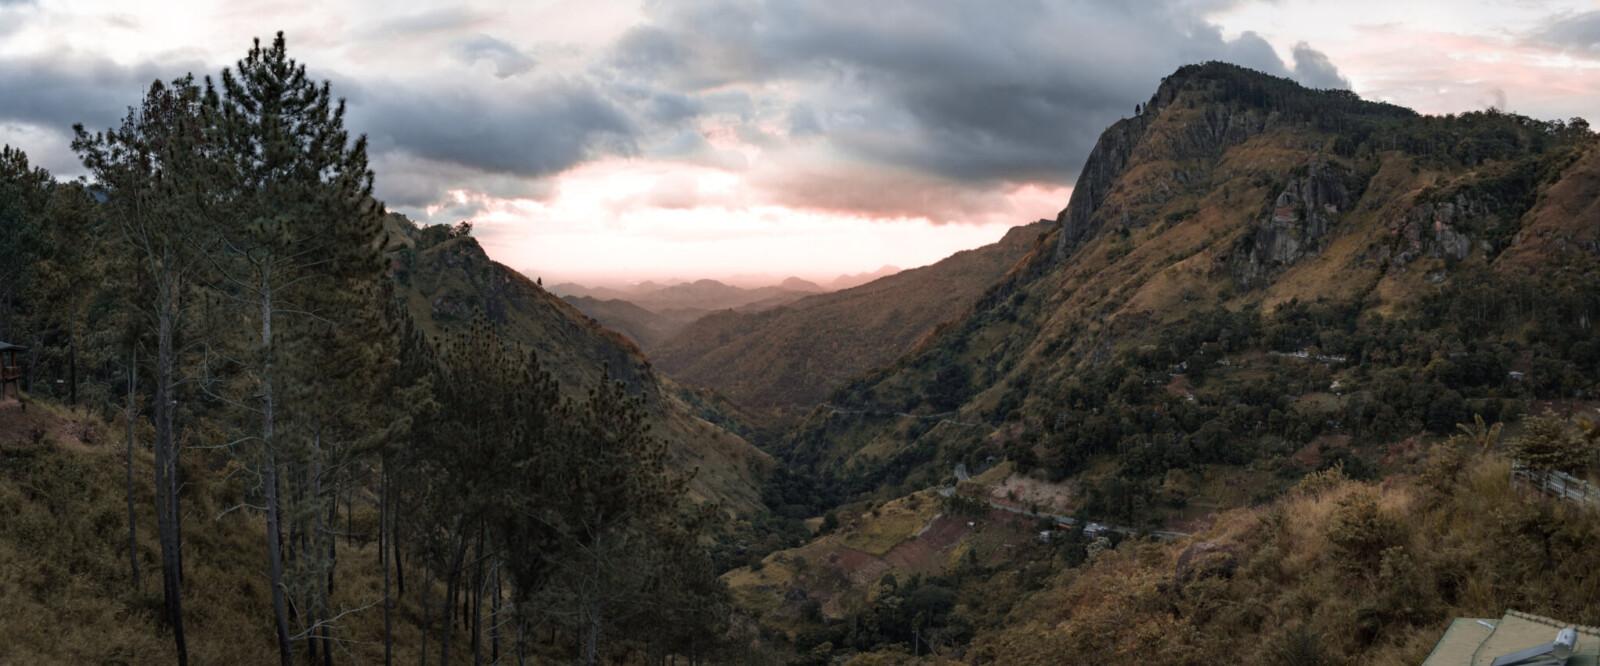 Badulla in Sri Lanka